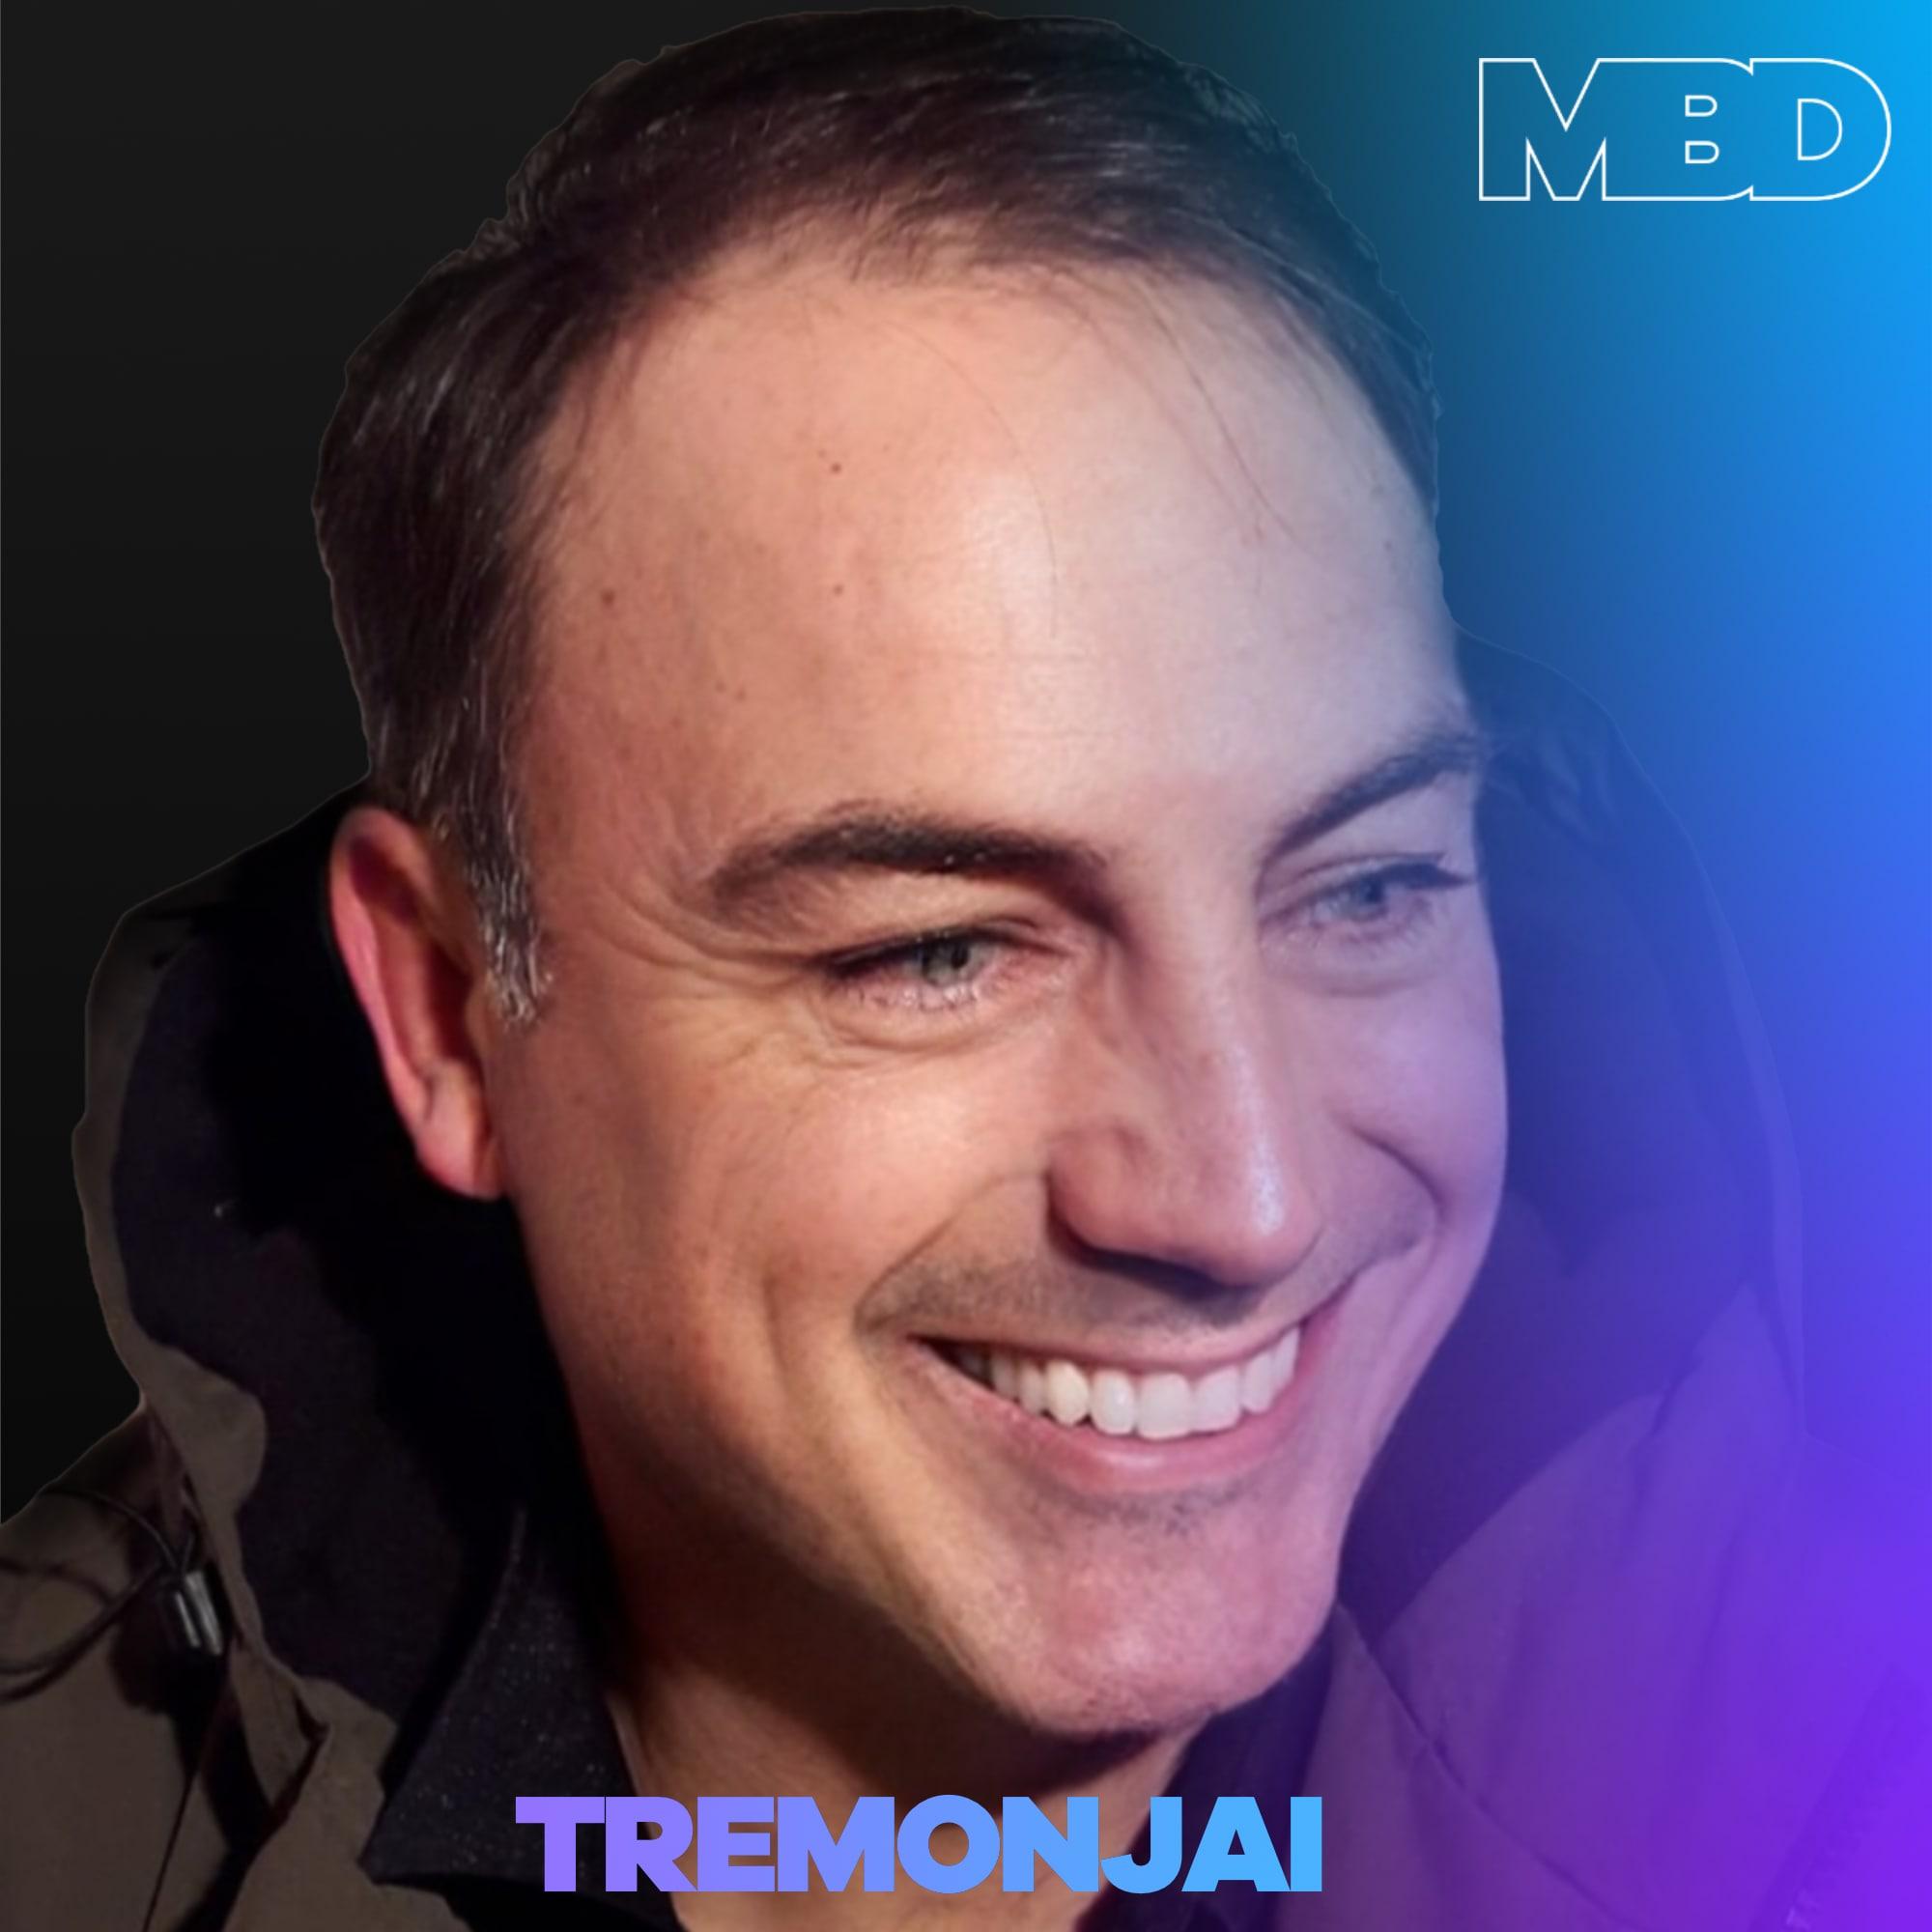 Tremonjai